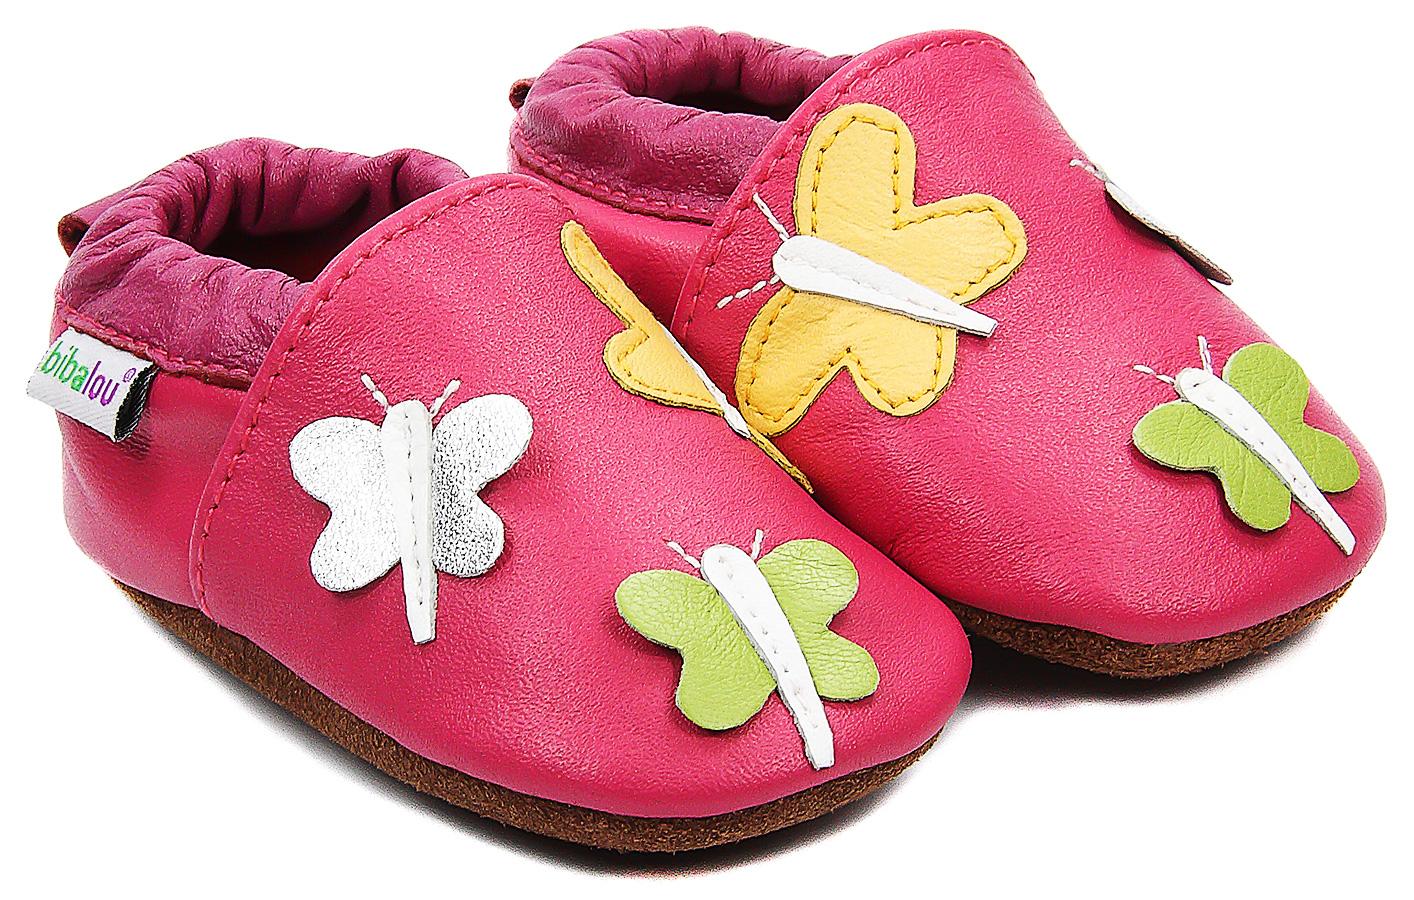 Chaussons bébé en cuir souple Farandole de Papillons